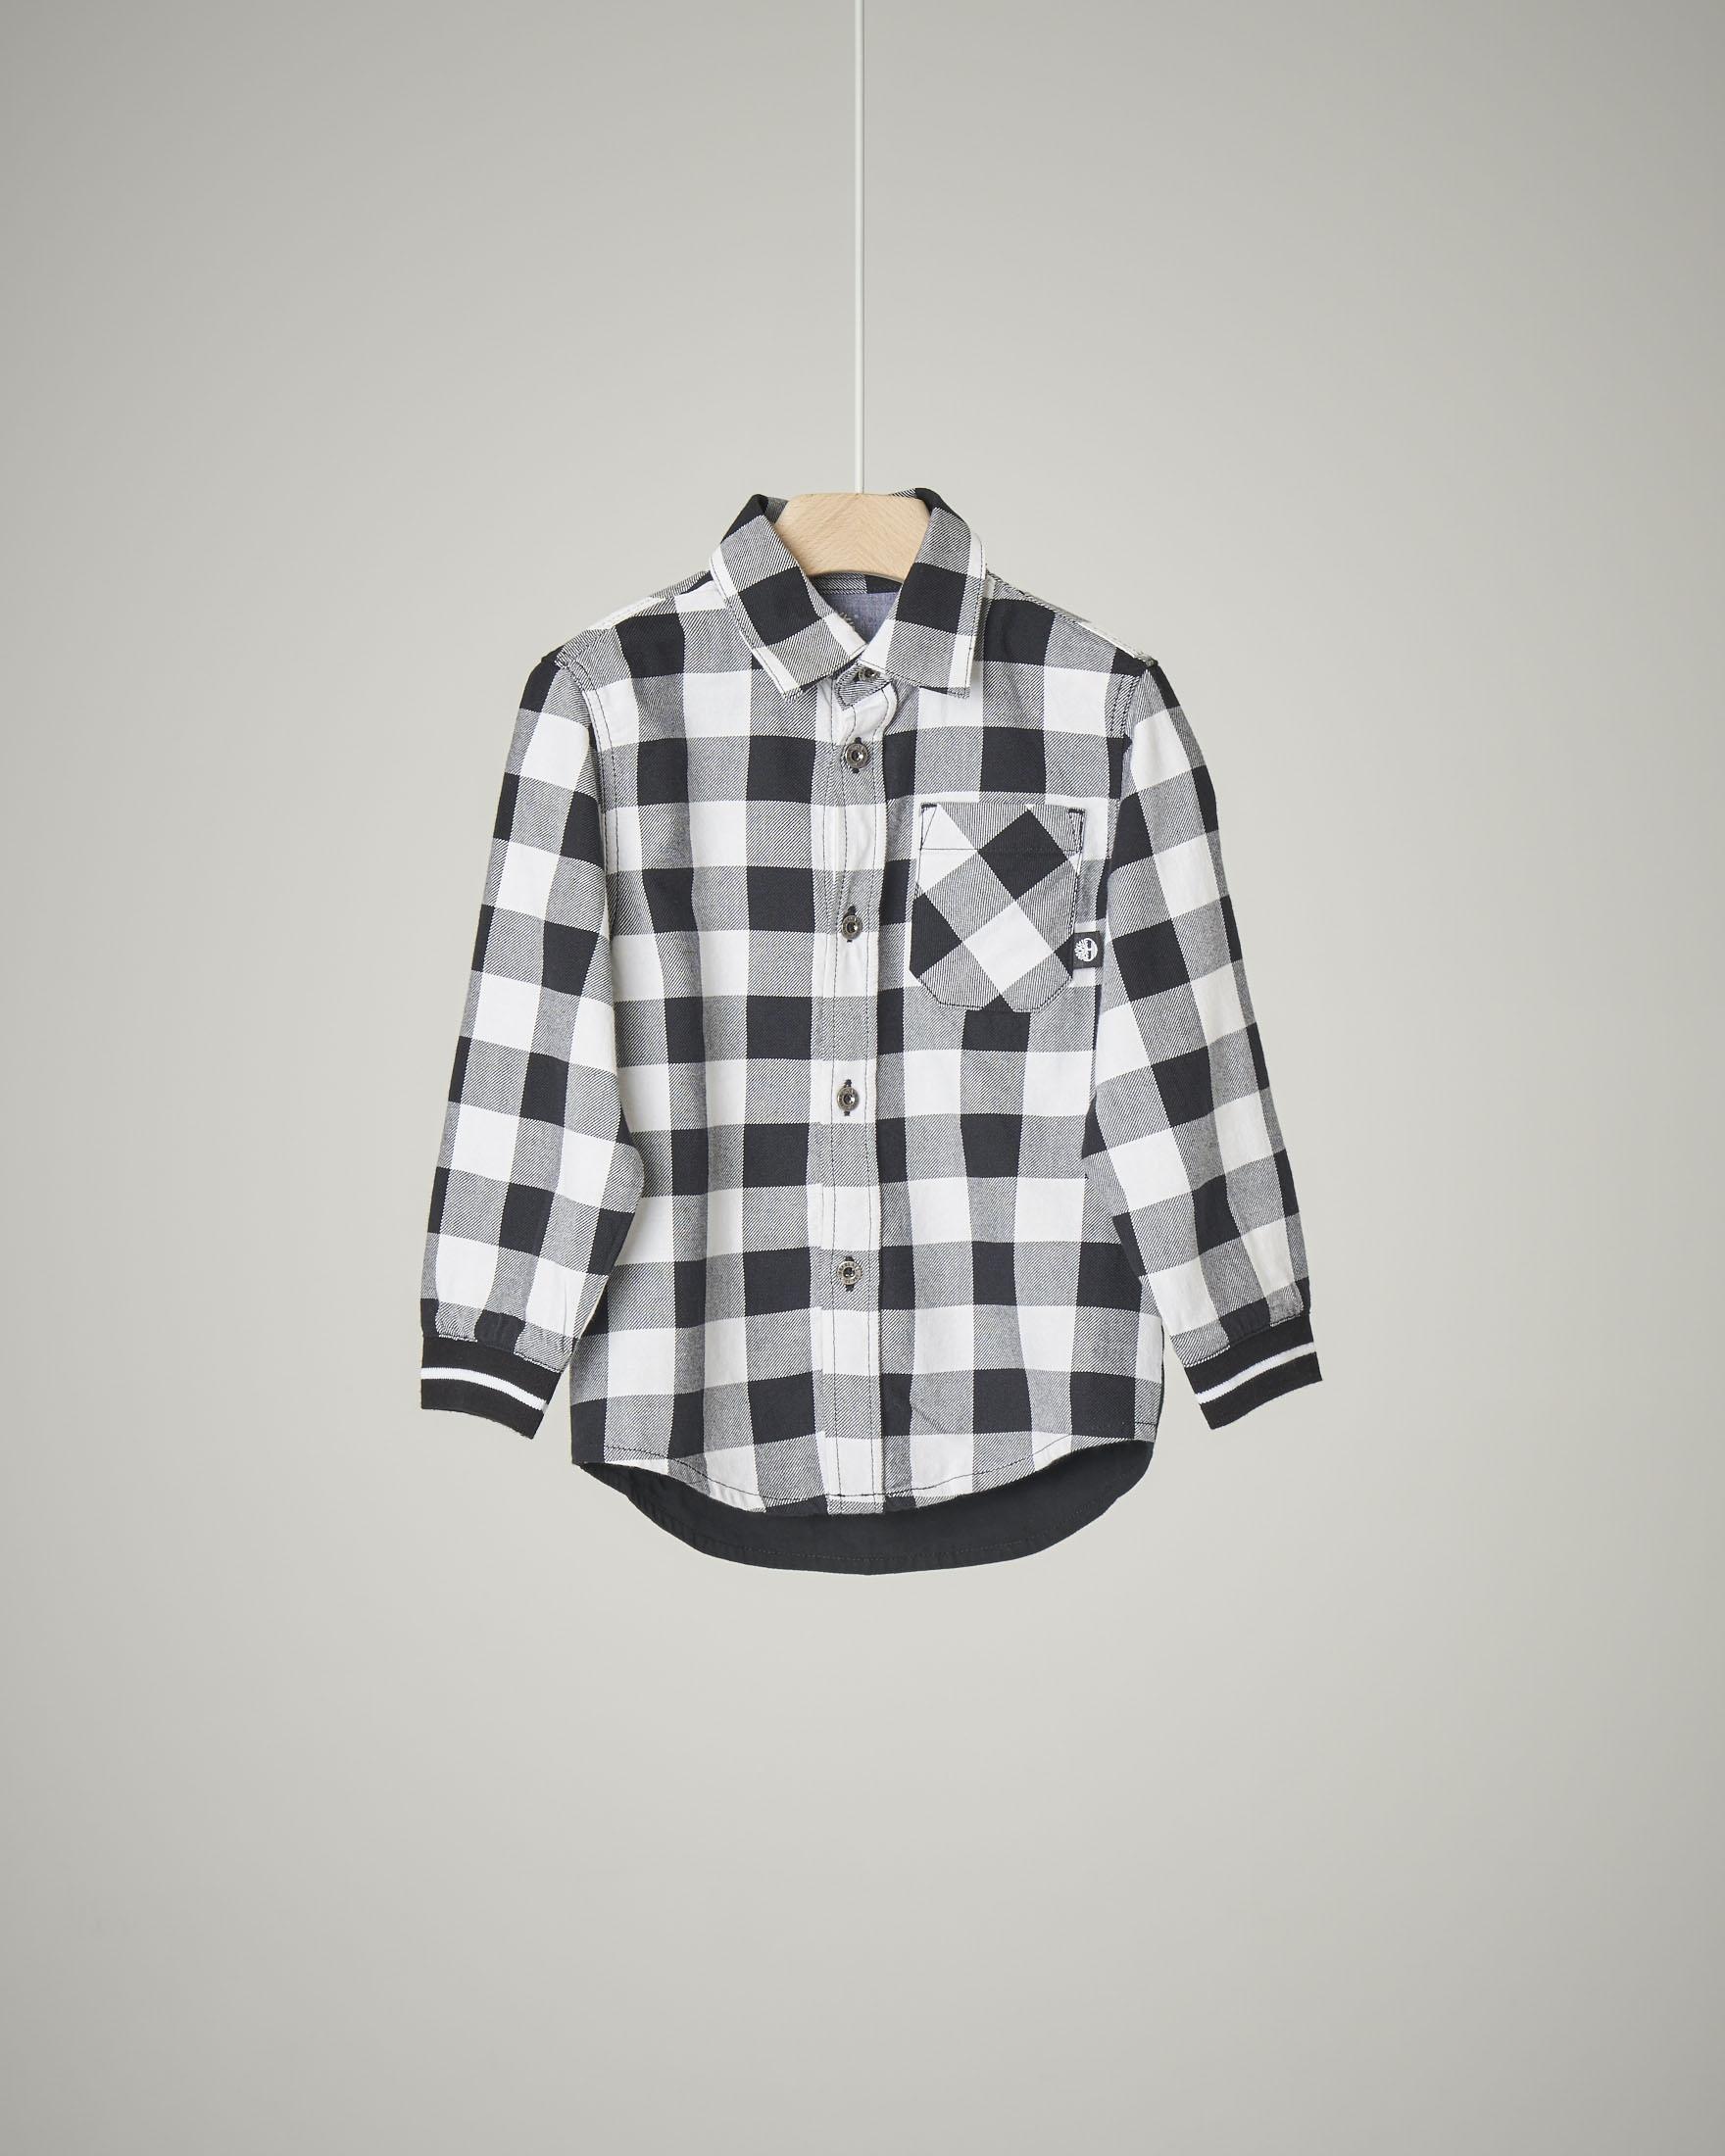 Camicia a quadri bianchi e neri in cotone